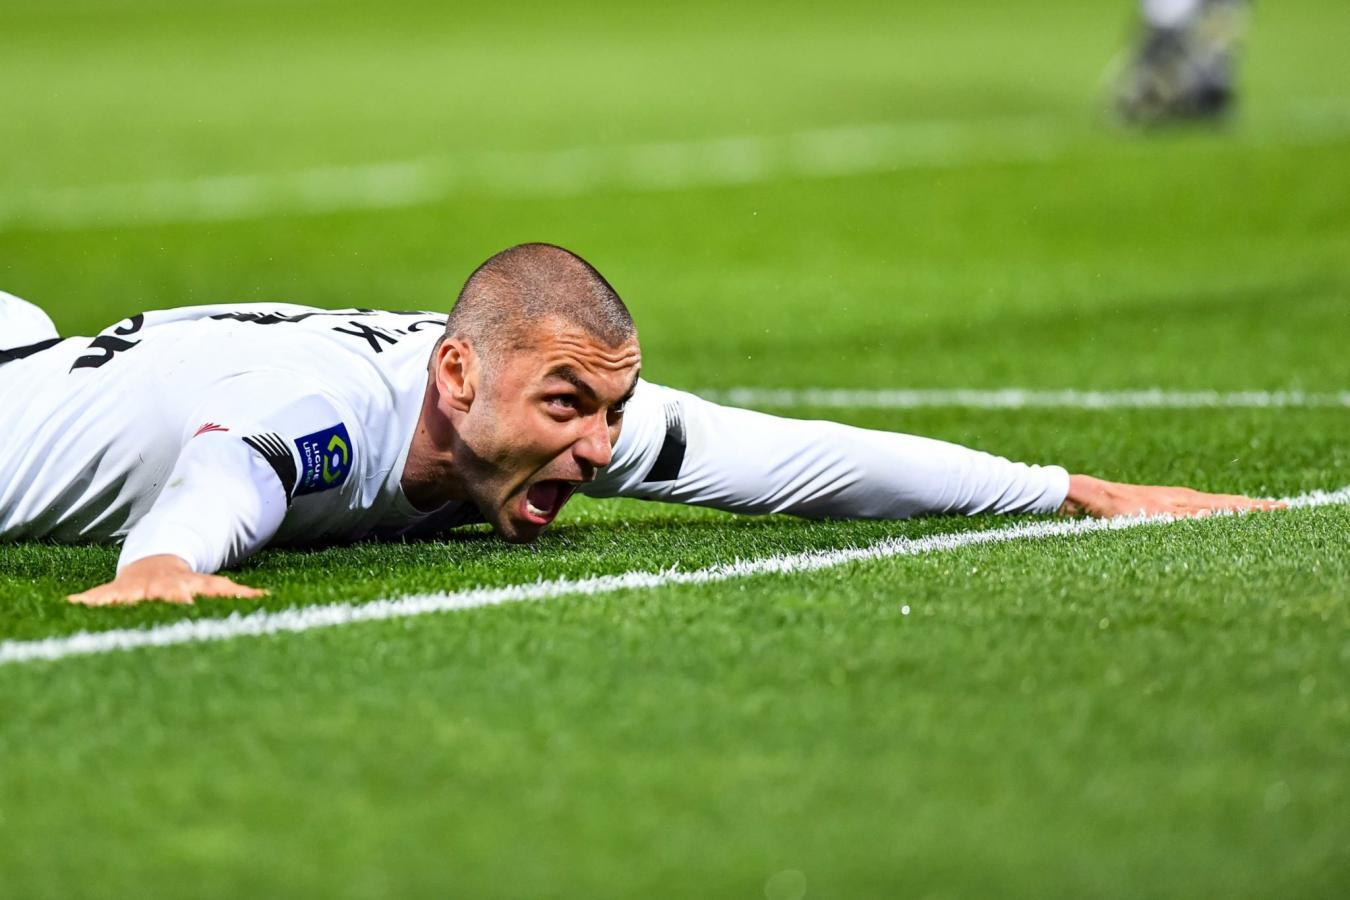 El turco Burak Yilmaz celebra su primer tanto en el clásico ante Lens. Lleva 15 goles en la temporada.